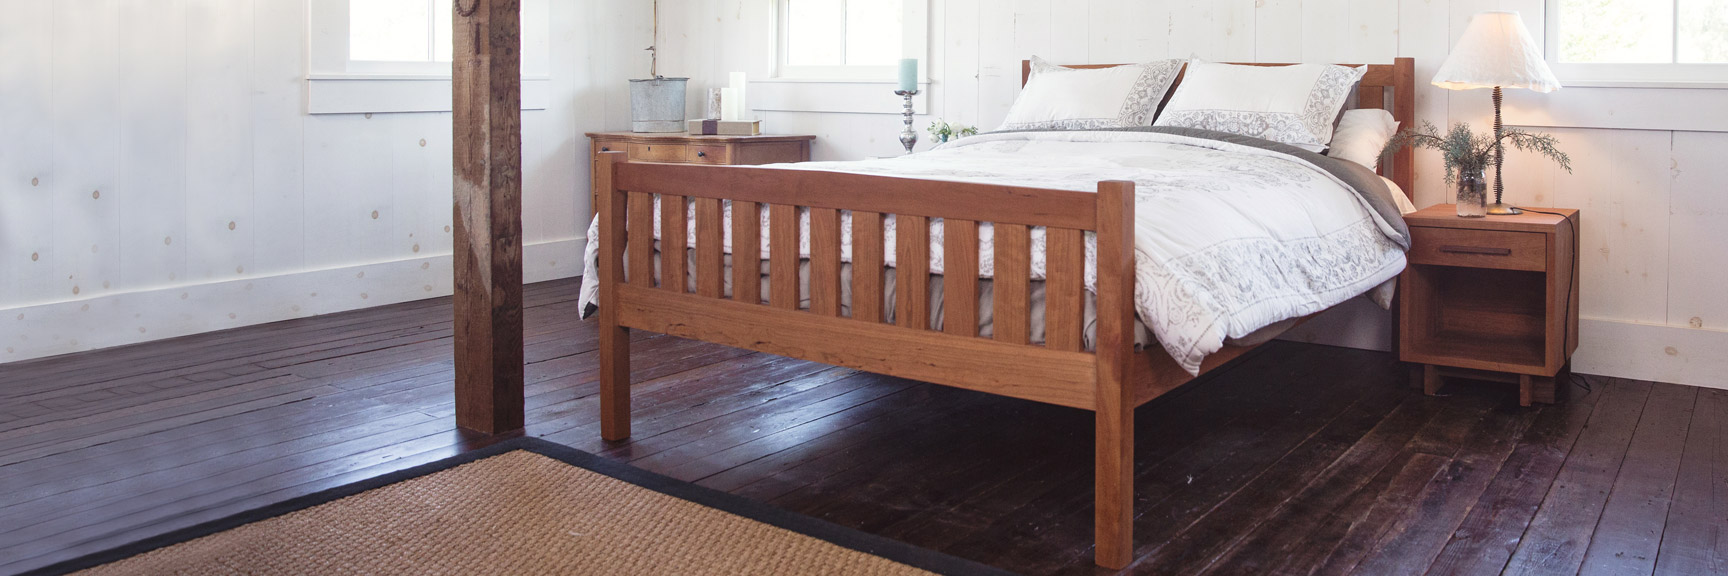 Best Selling Platform beds